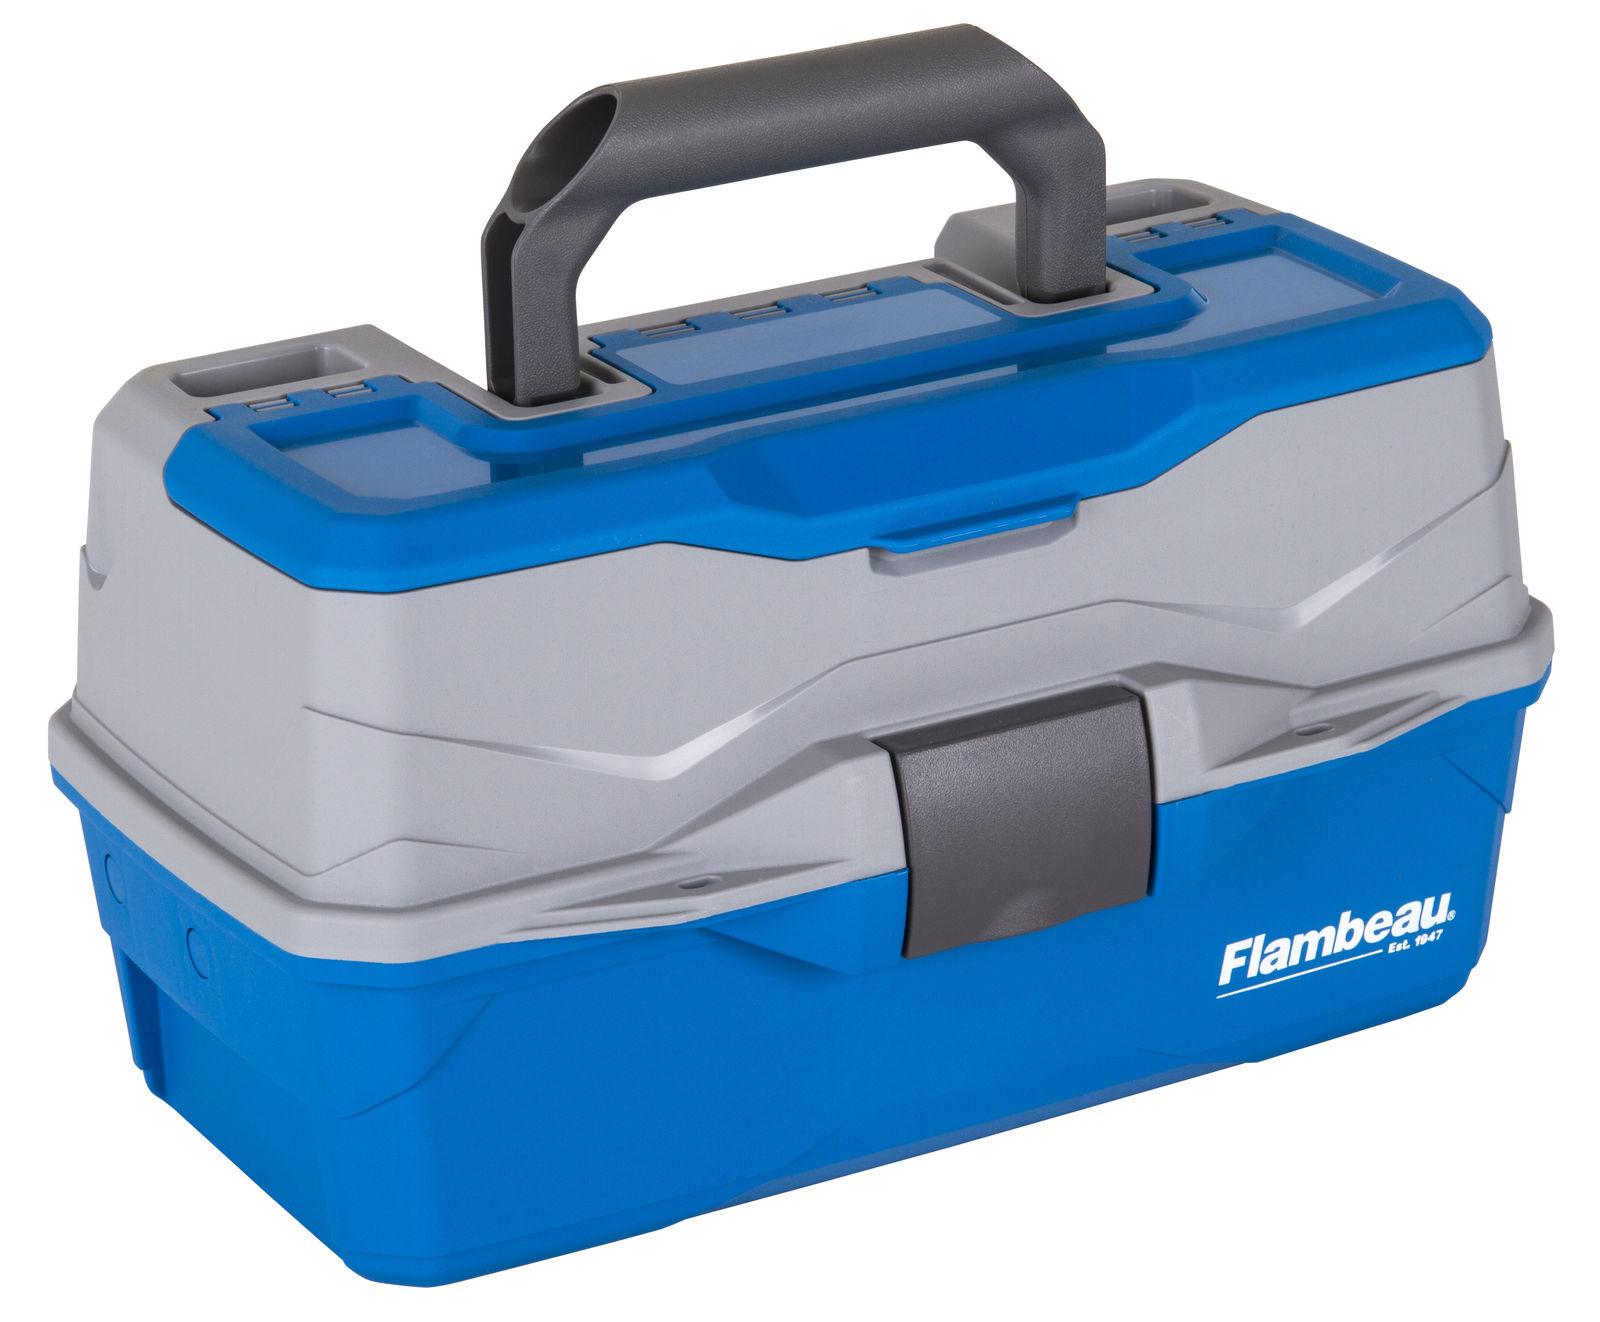 Flambeau Flambeau 6382TB 2-Tray Tackle Box – Bild 2